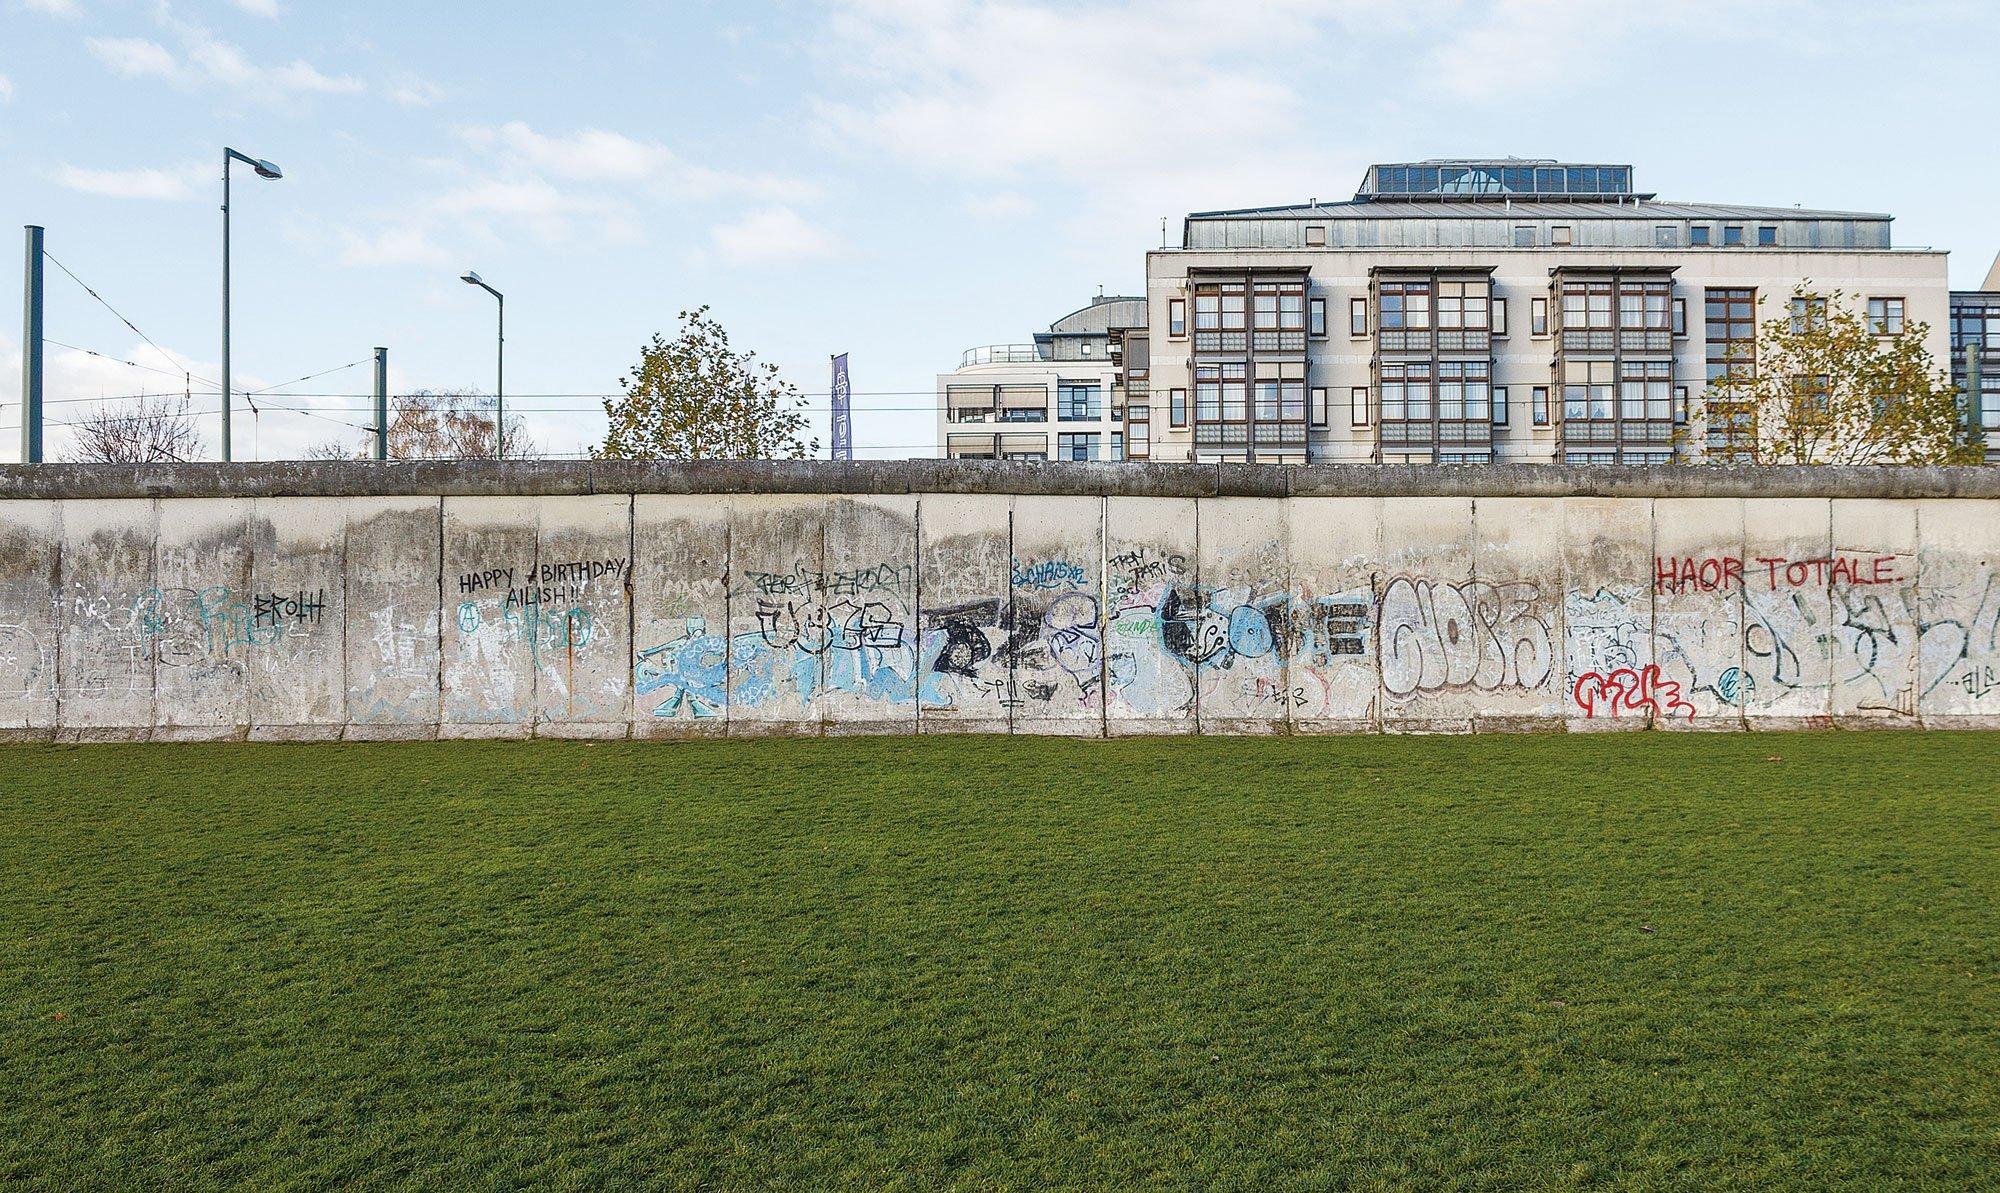 柏林圍牆在1989年被民眾用鐵鎚砸倒,部份人為了記住這段被極權壓制的歲月,保留了幾段合共3公里長的圍牆,圖為位於Bernauer 街的柏林圍牆。(維基百科)